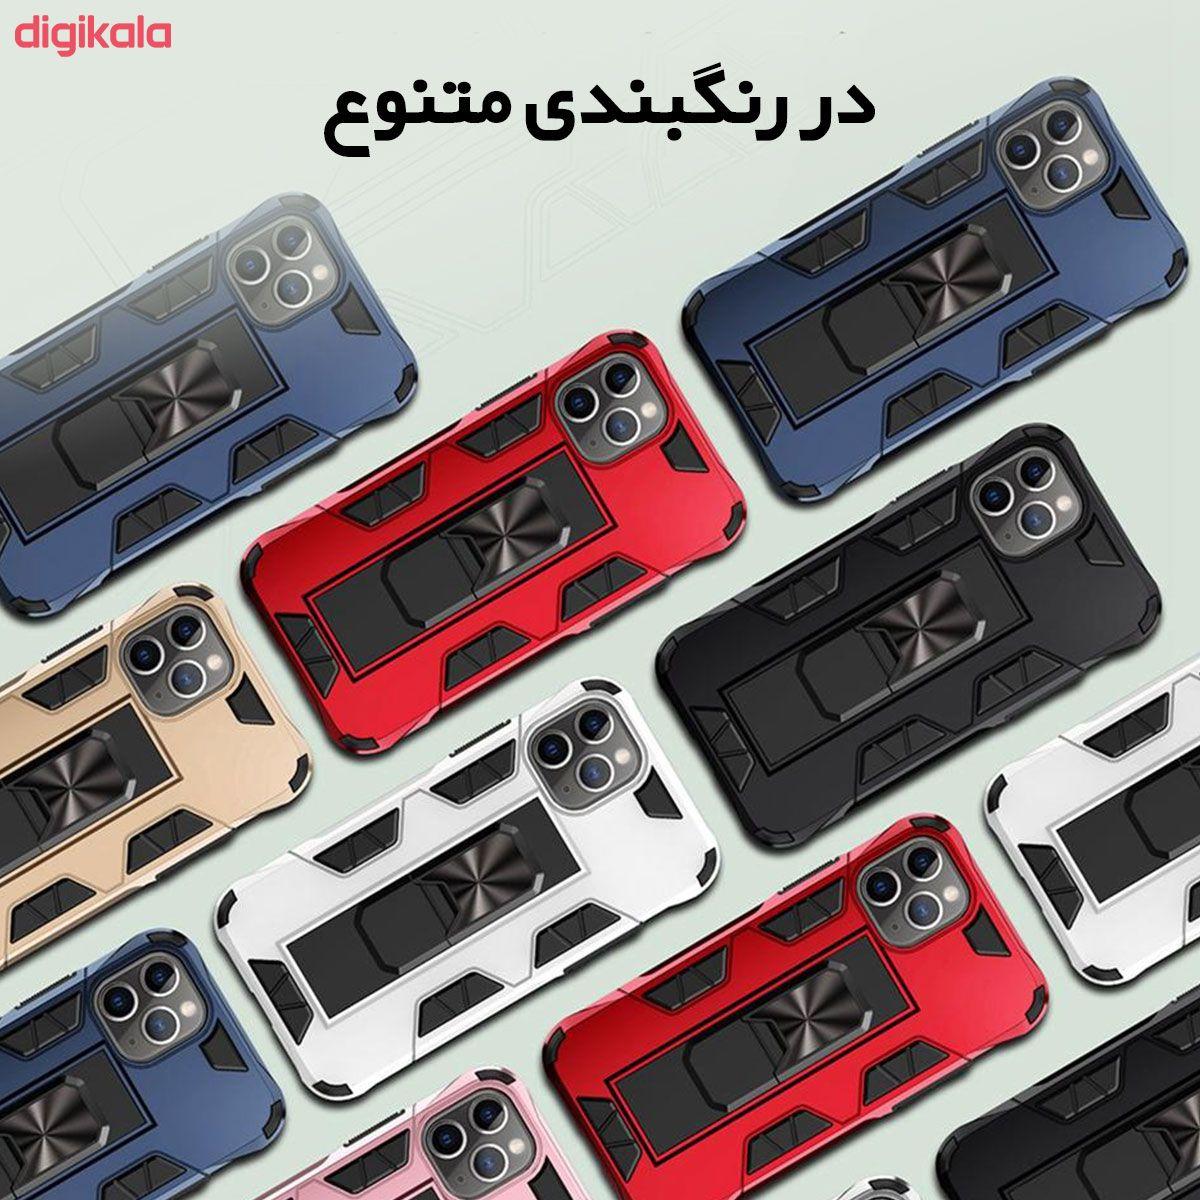 کاور لوکسار مدل Defence90s مناسب برای گوشی موبایل اپل iPhone 11 Pro main 1 5